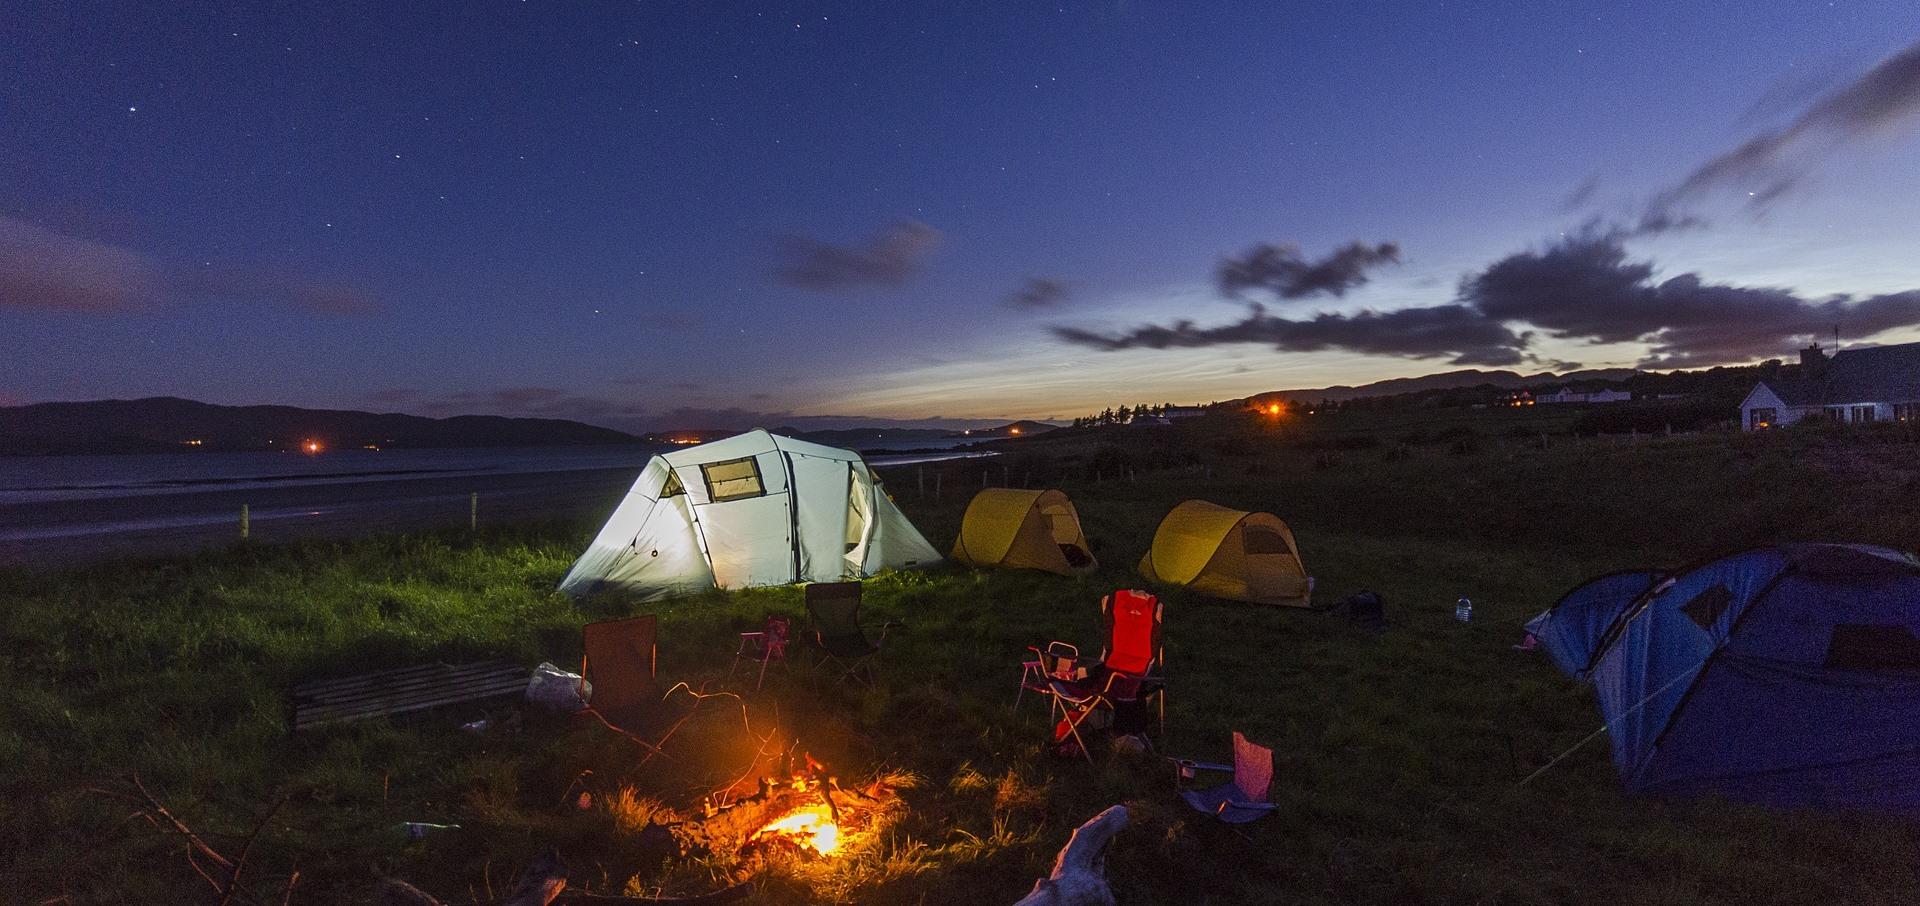 ТОП-7 небанальных мест для отдыха с палаткой